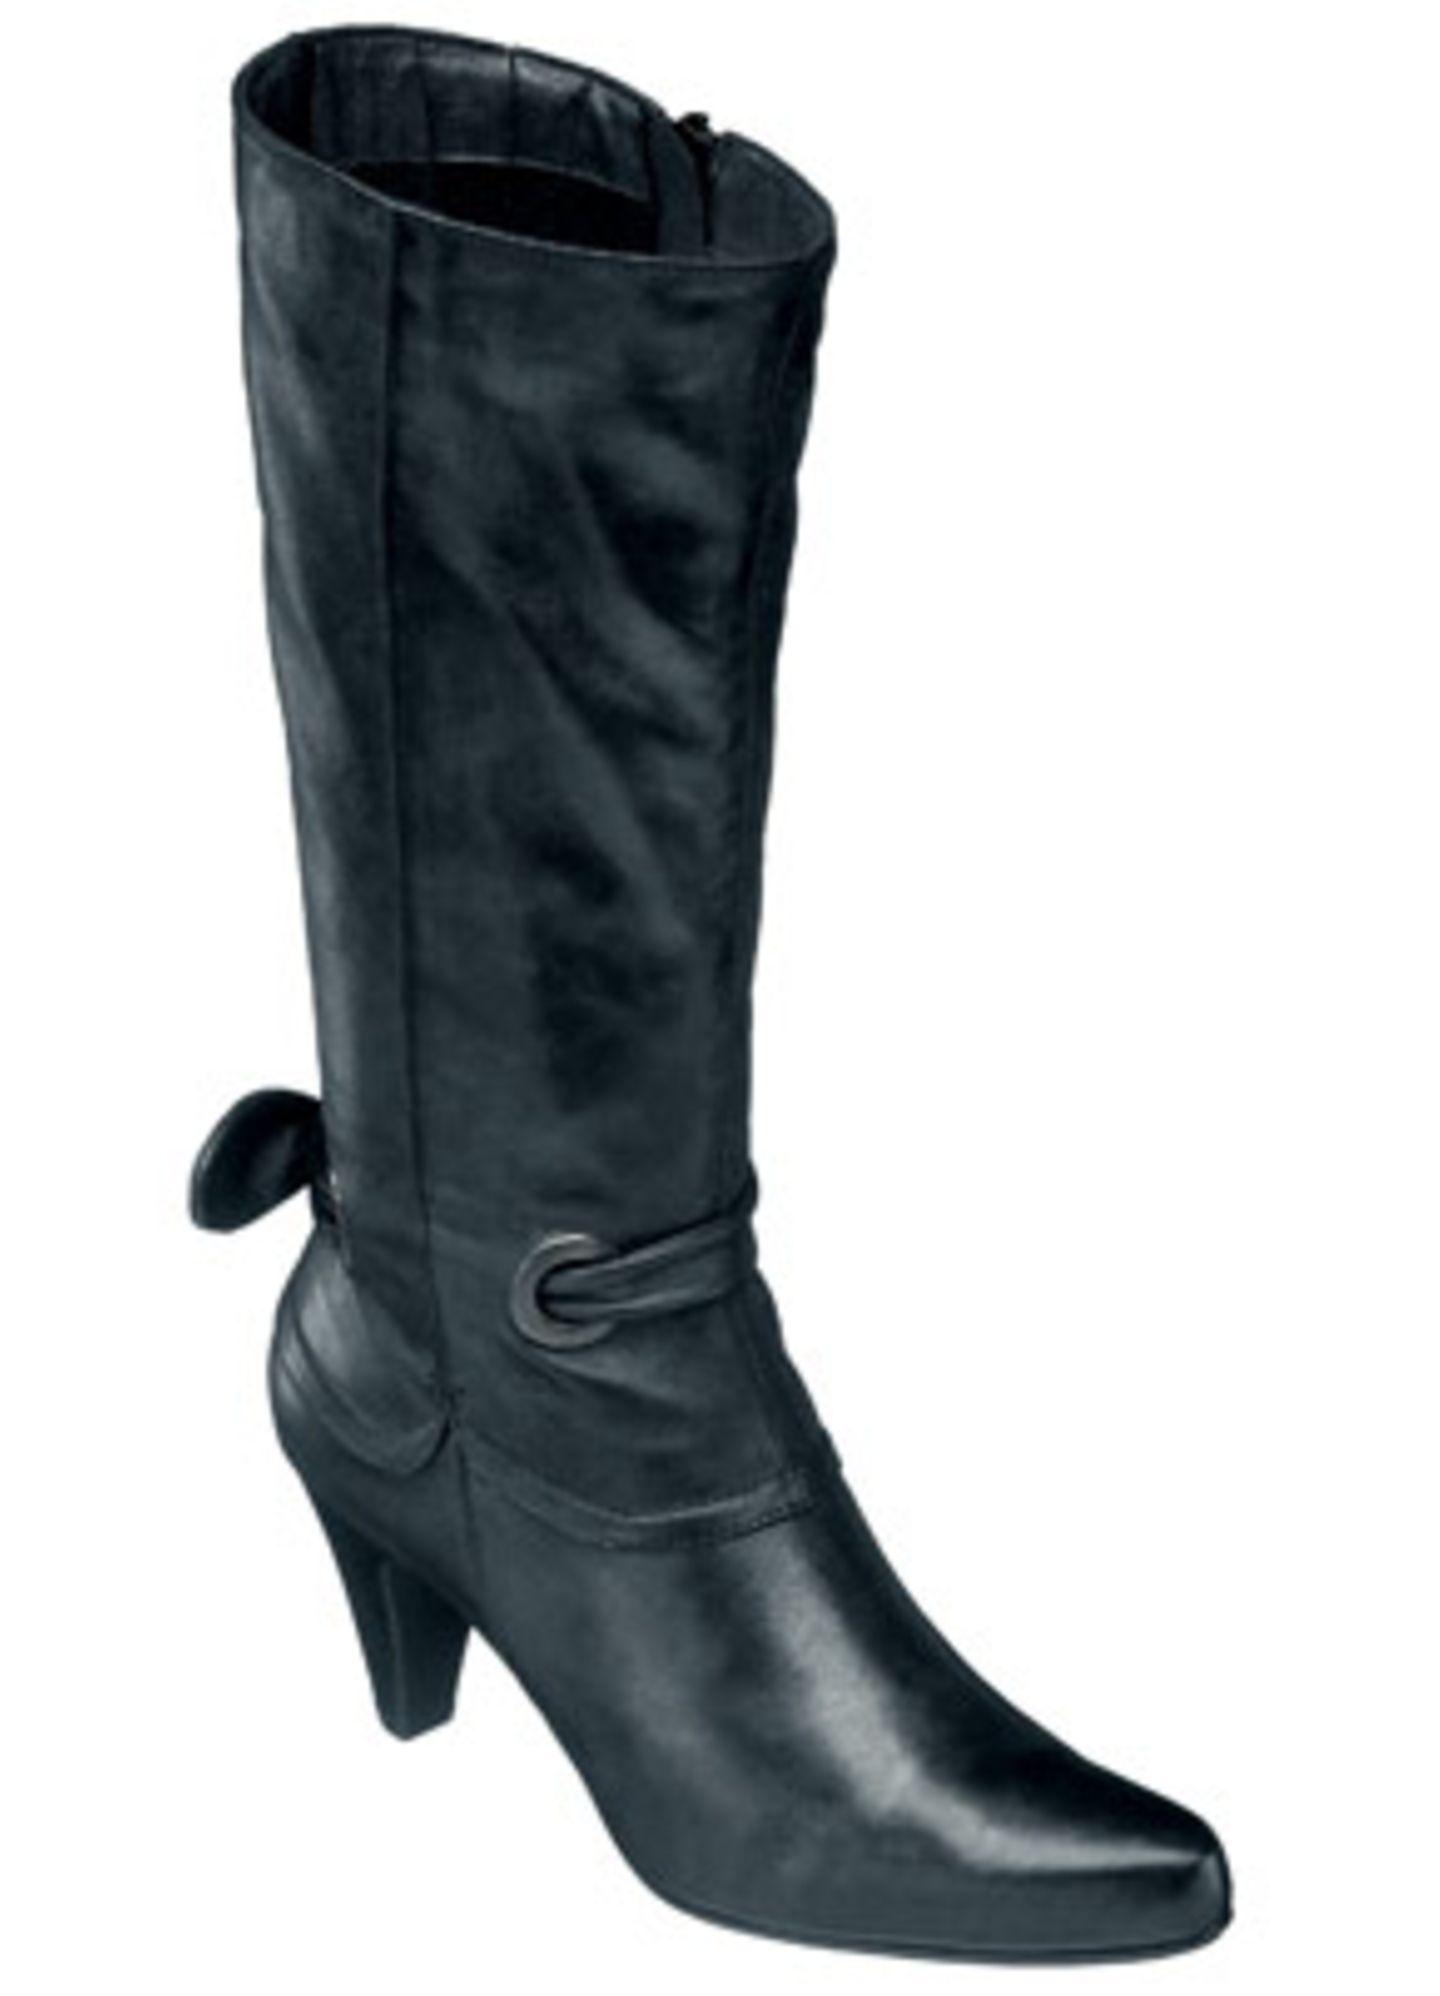 Langschaftstiefel mit Schlauchband in dunkelgrau metallic; 130 Euro; von Varese woman über Roland-Schuhe